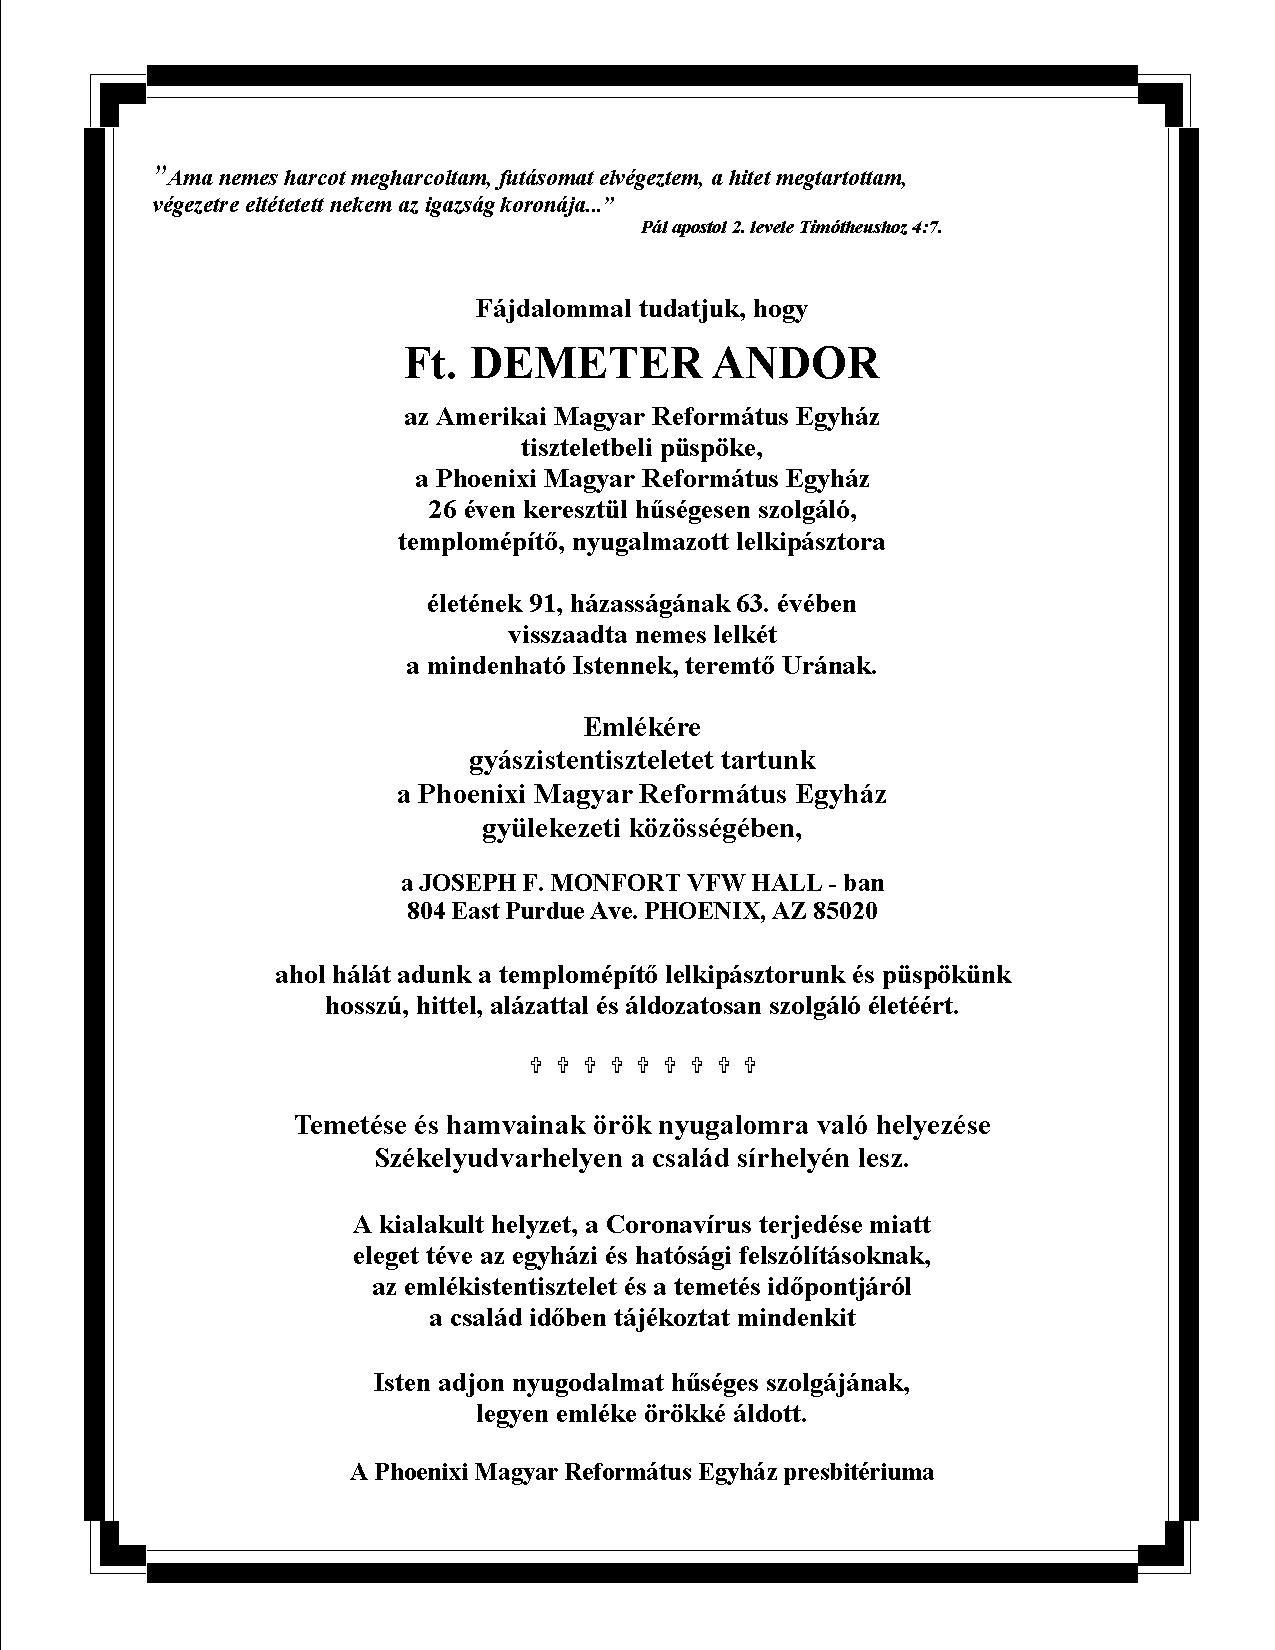 Gyászjelentő - Ft. Demeter Andor